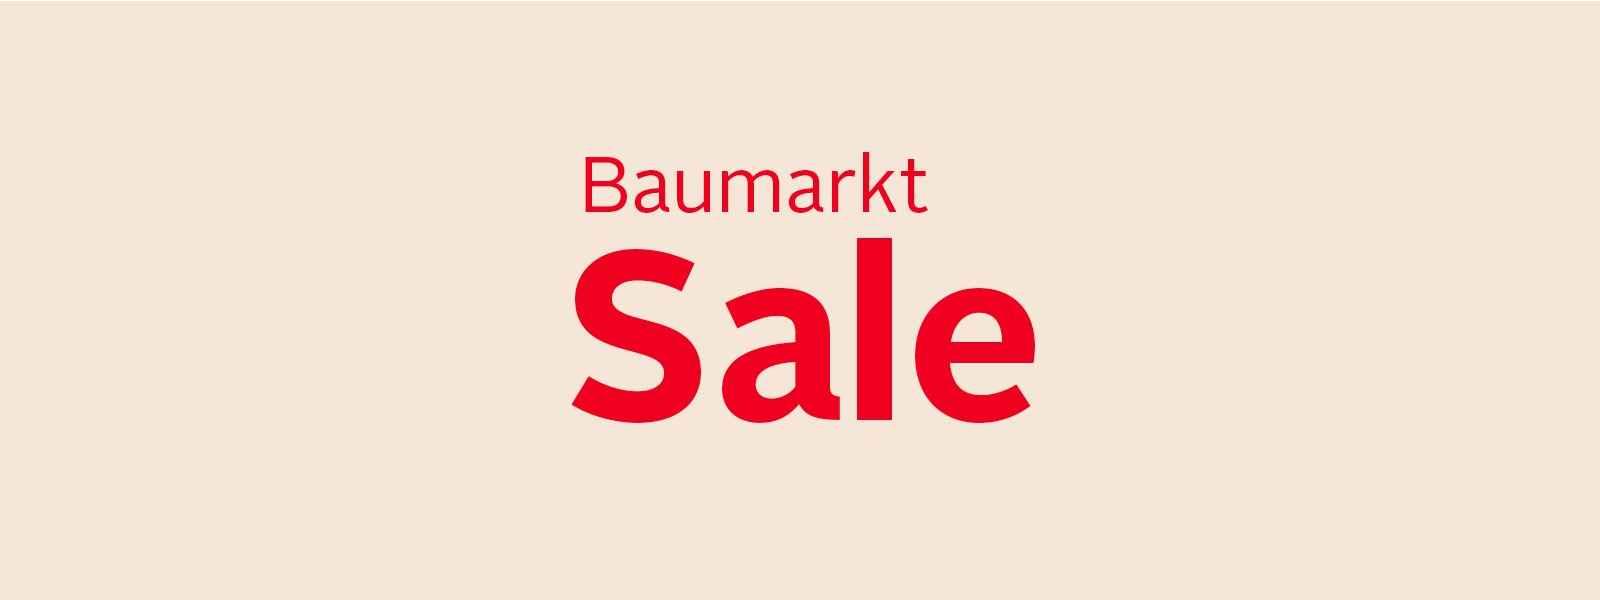 Baumarkt SALE